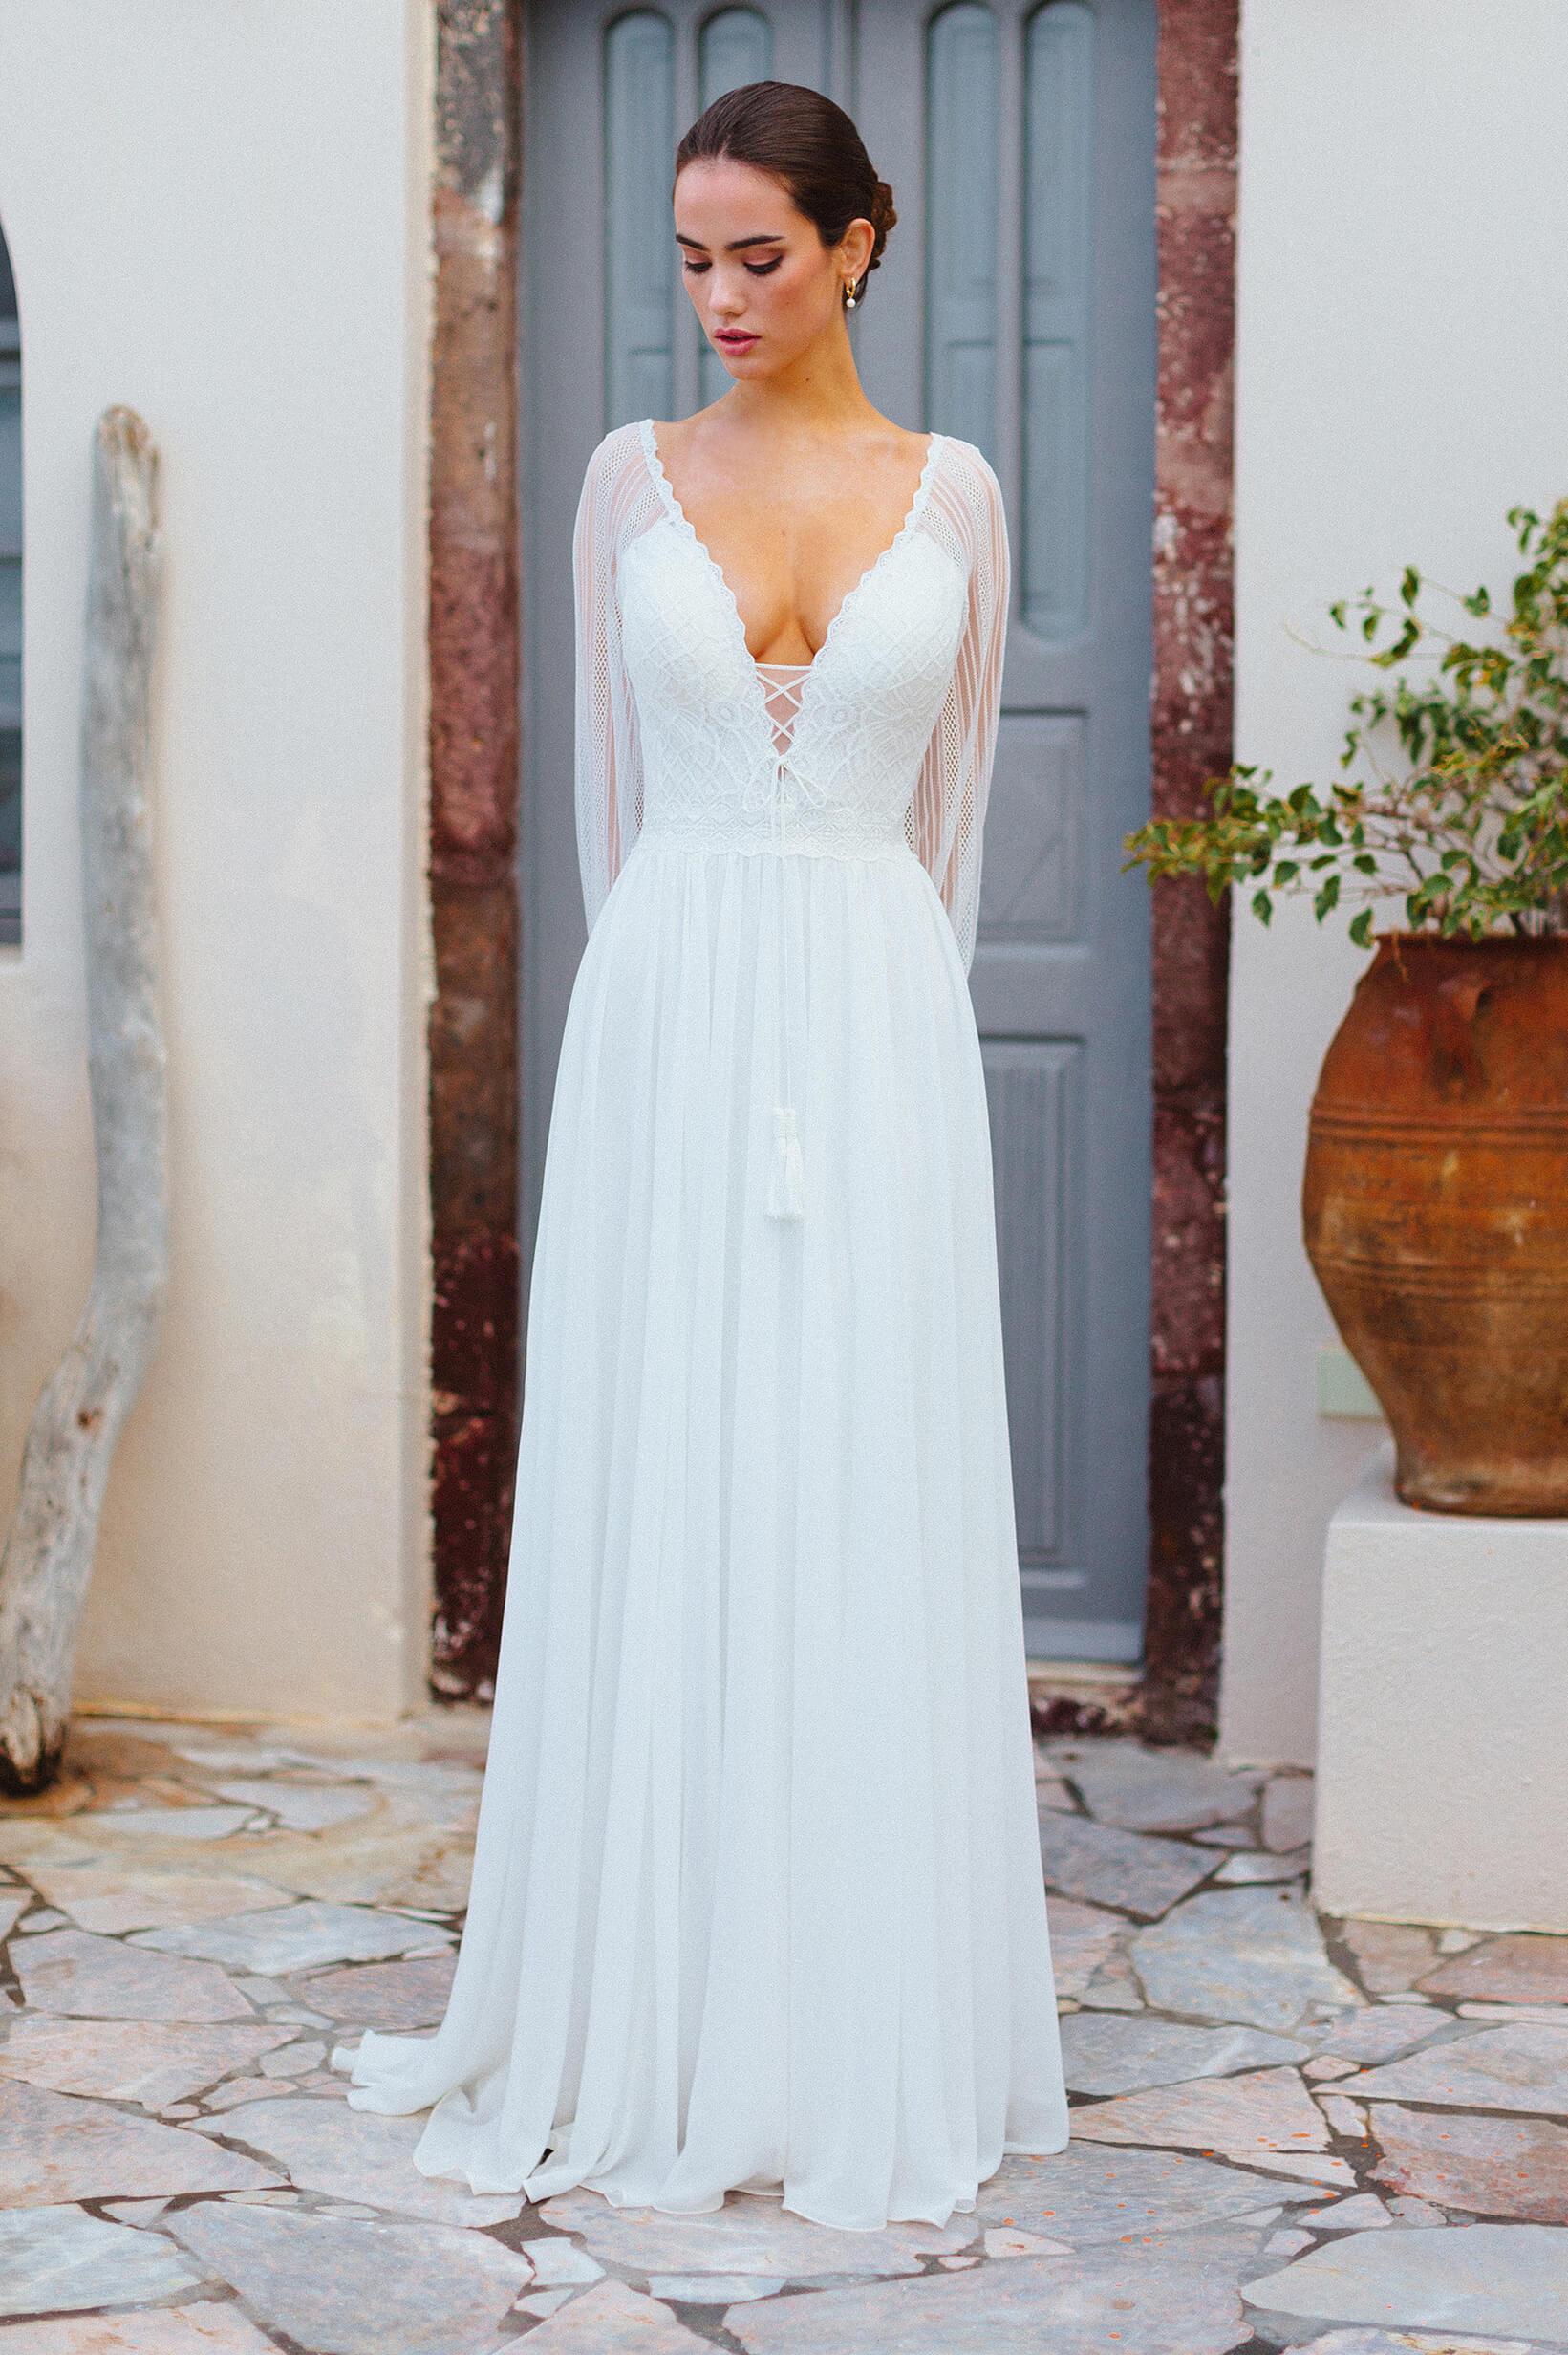 F170 Harlow Wilderly Brides Wedding Dress